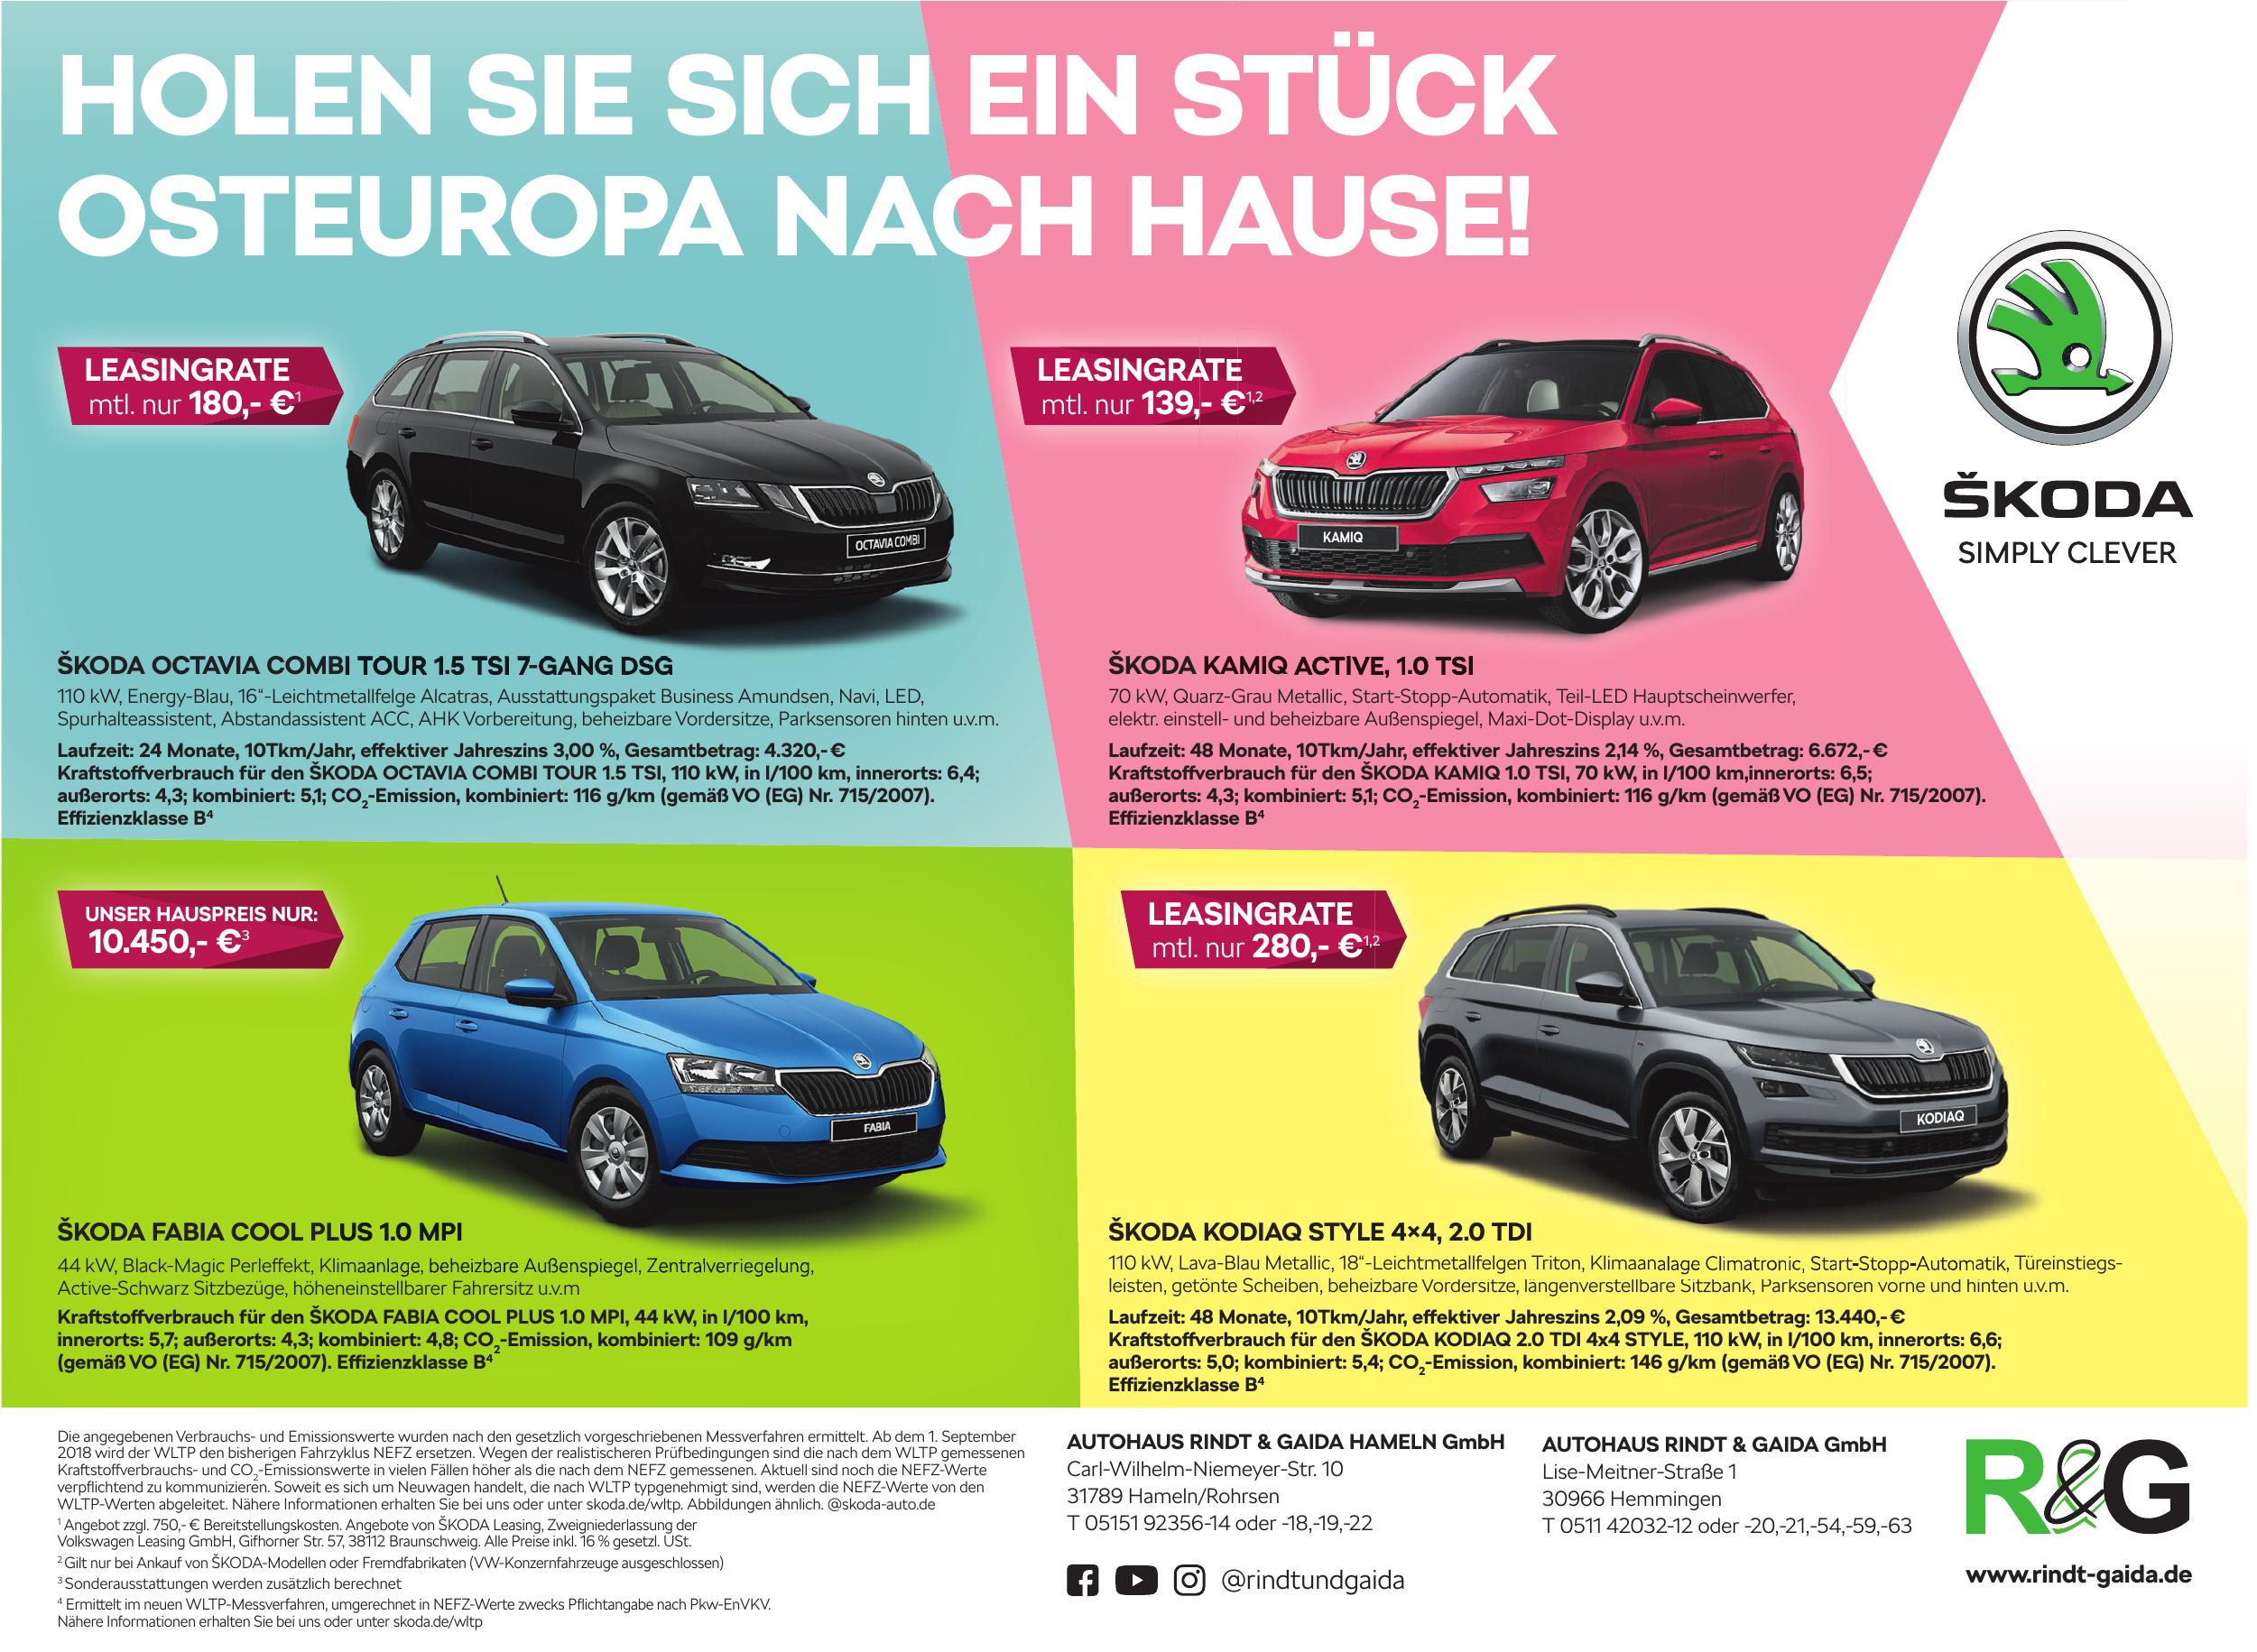 Autohaus Rindt & Gaida Hameln GmbH